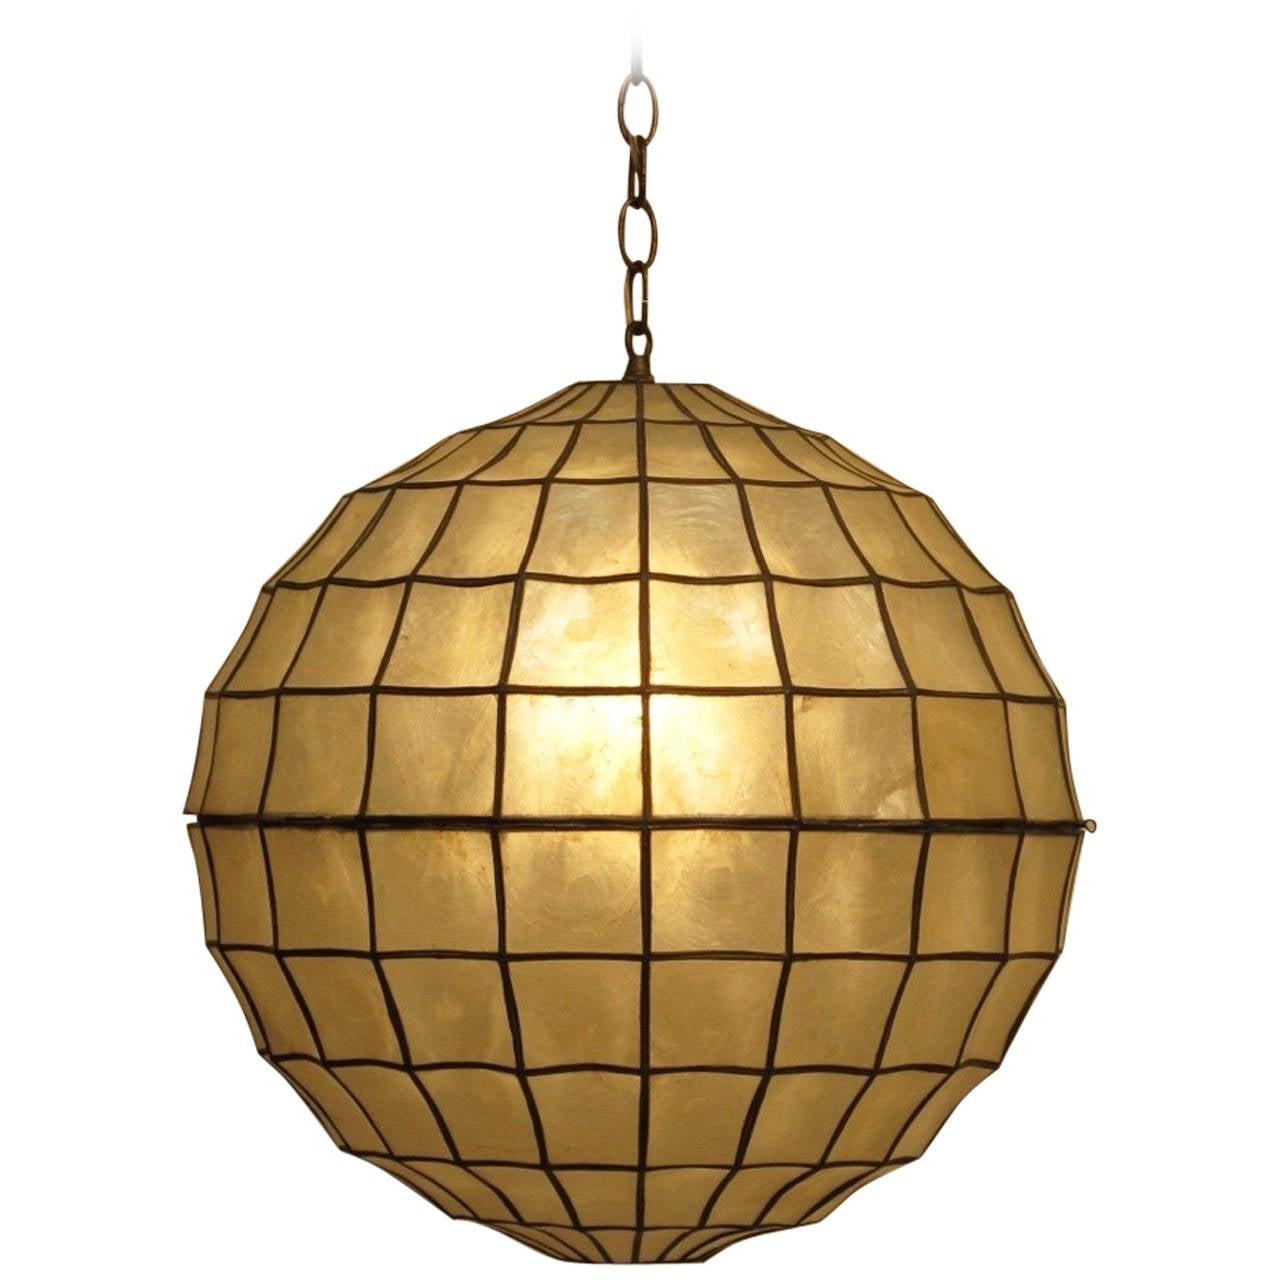 capiz shell chandelier capiz shell lighting fixtures mid century capiz shell light fixture at 1stdibs capiz lighting fixtures